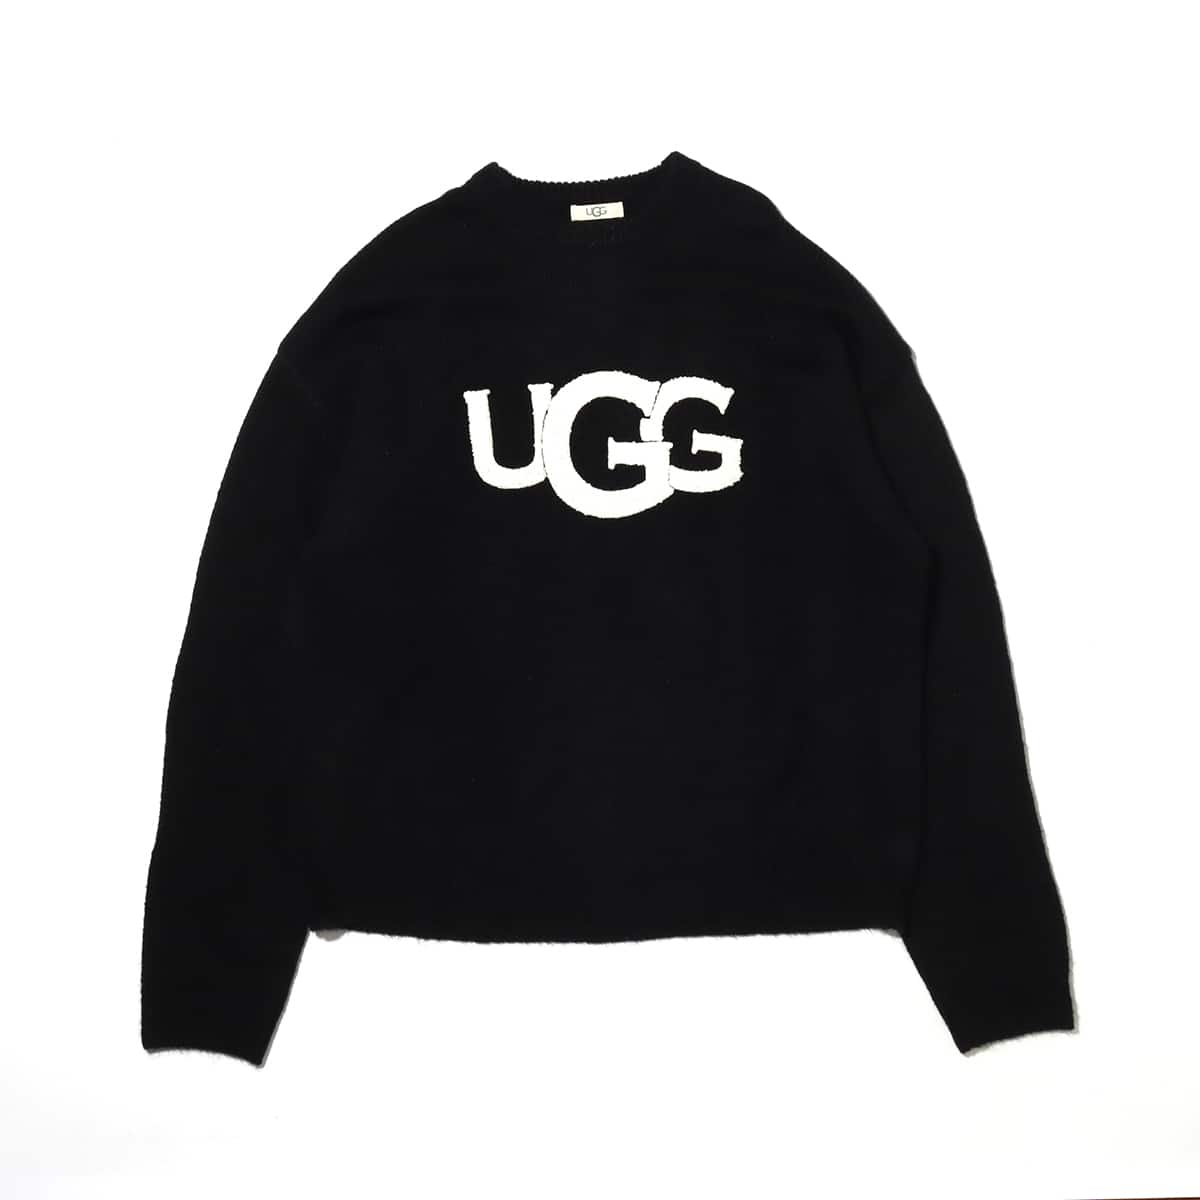 UGG UGG ロゴ モヘアニット BLACK 20FW-I_photo_large